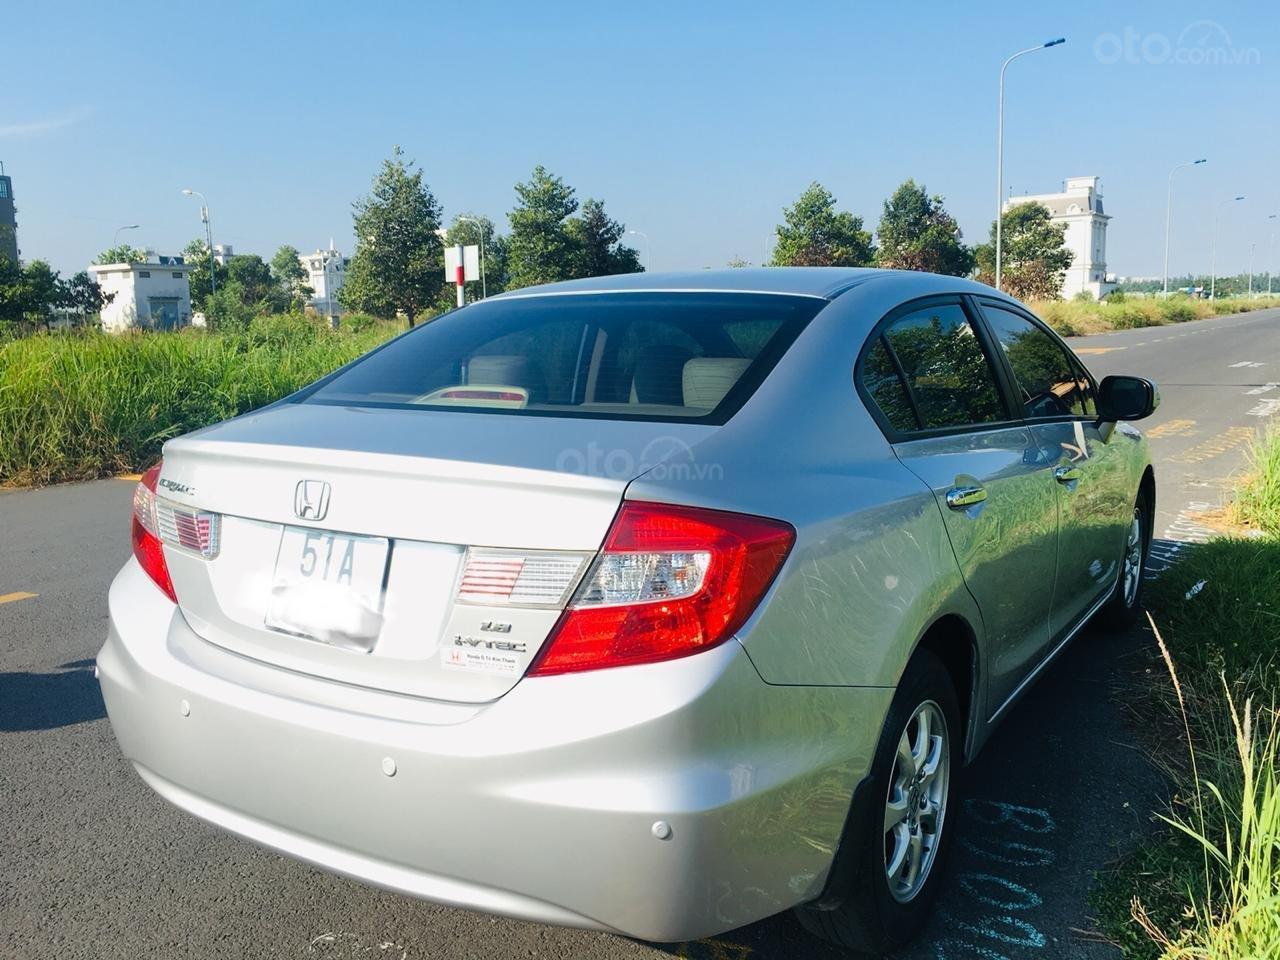 Honda Civic xe nhà, giữ cẩn thận, đẹp như mới mua-1